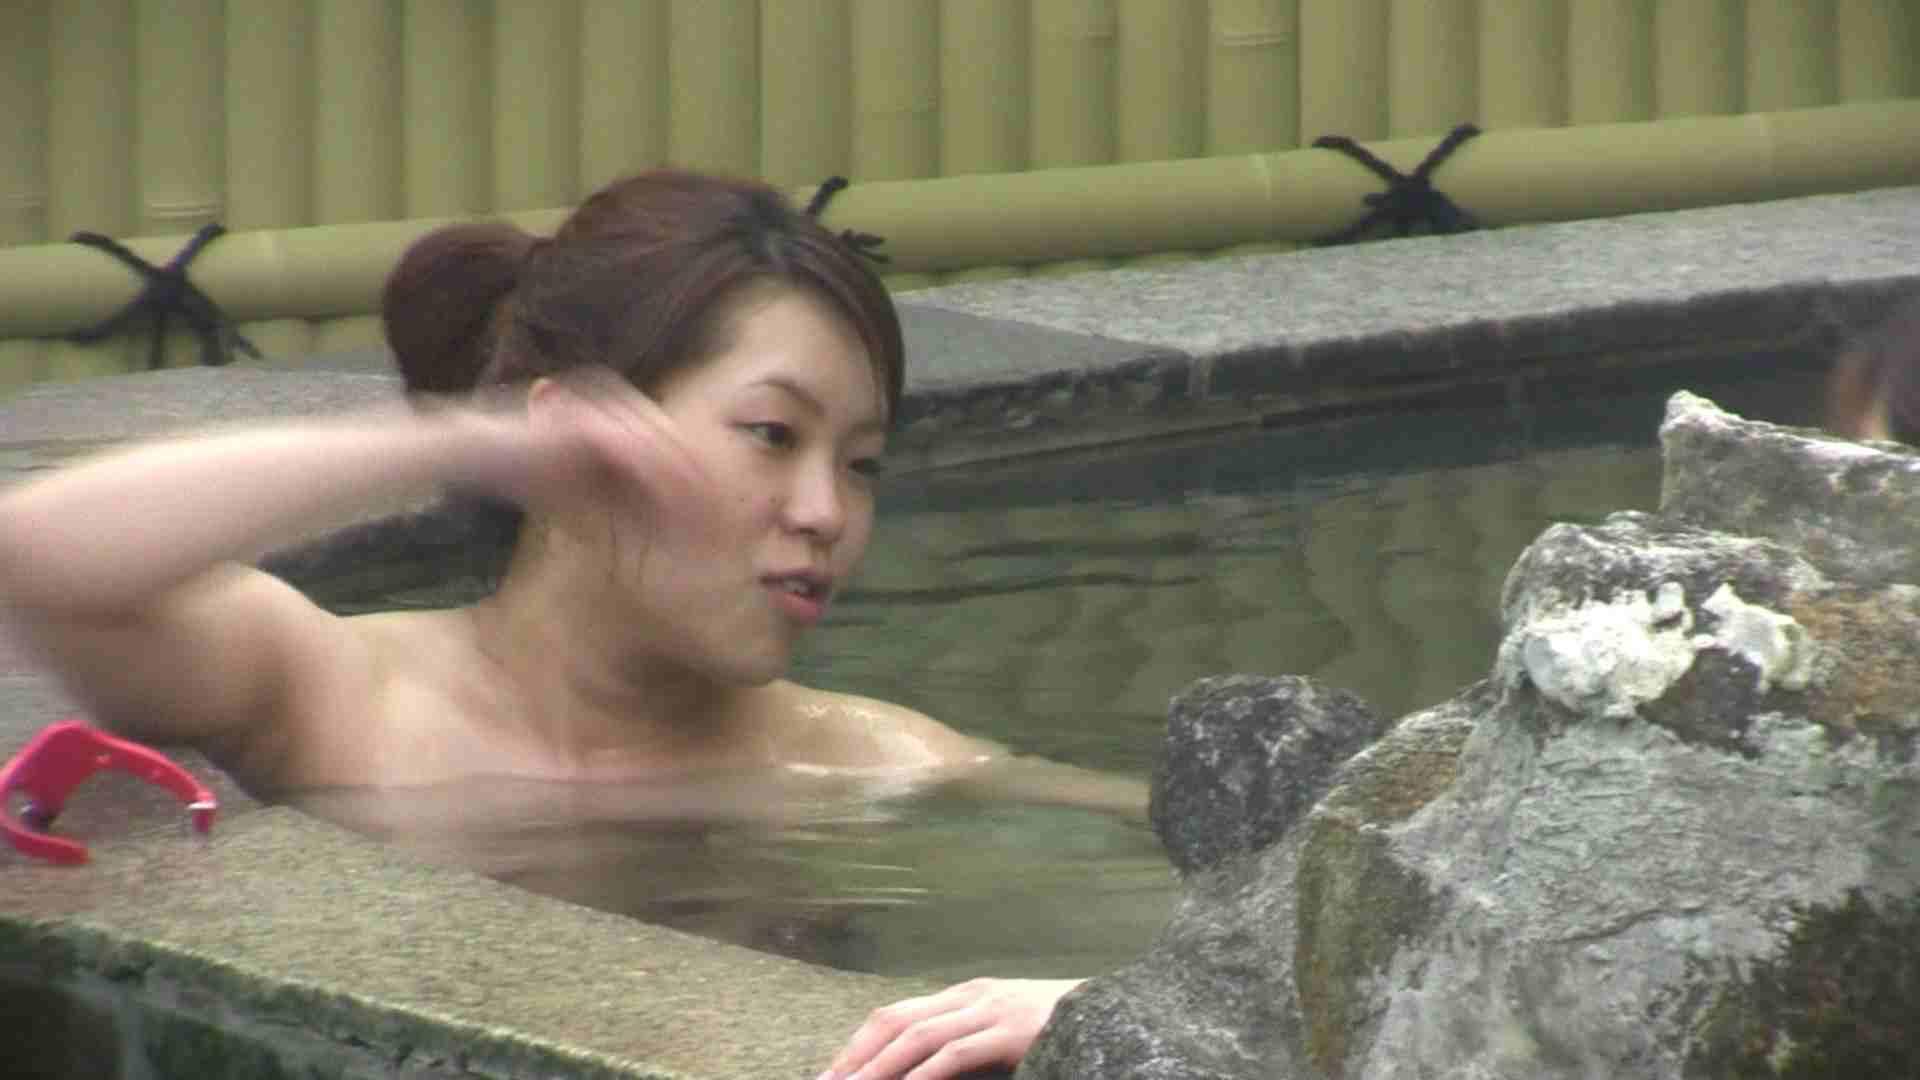 Aquaな露天風呂Vol.680 OLのエロ生活   盗撮  98連発 22